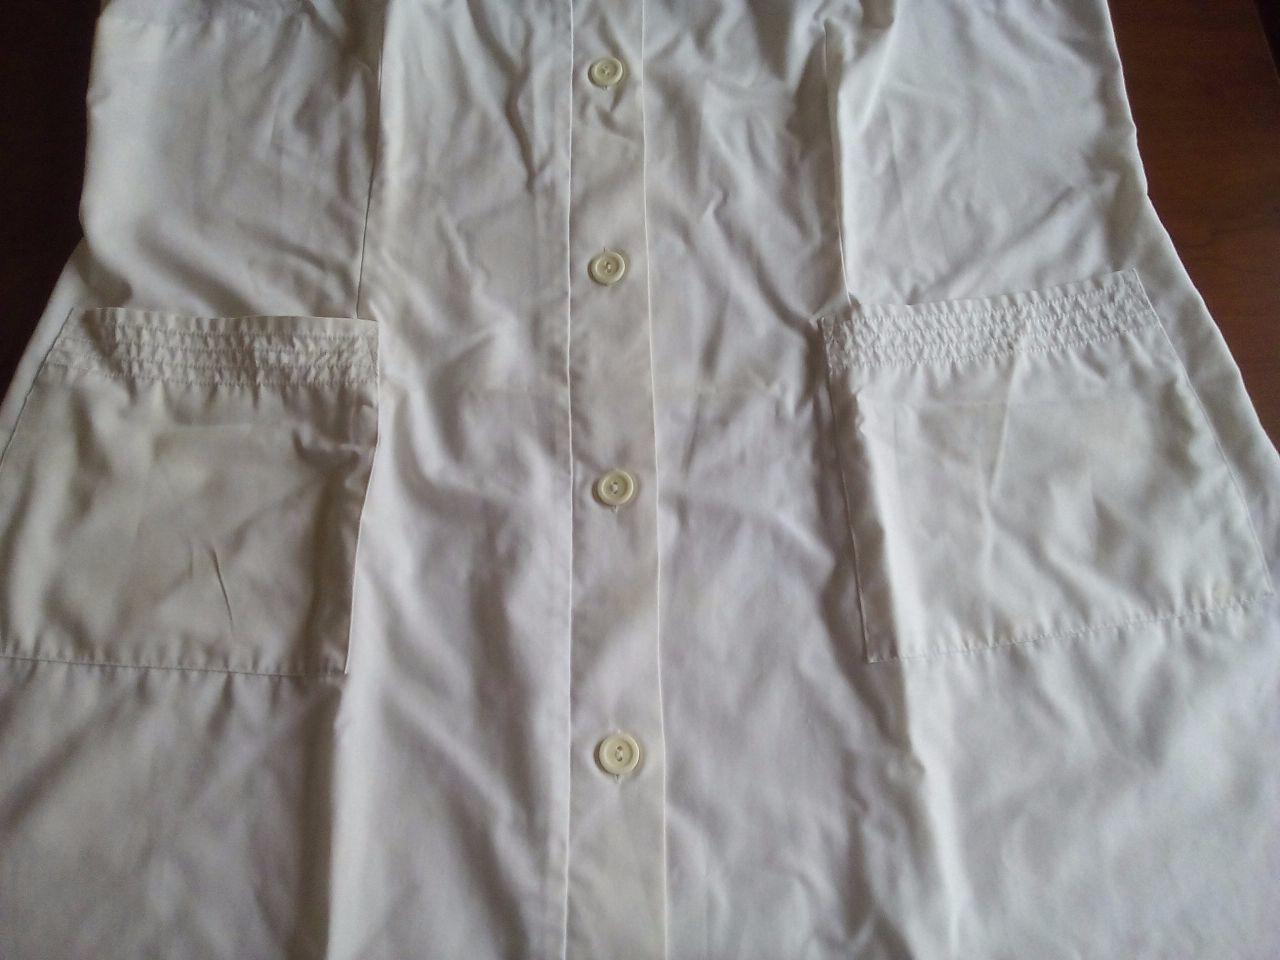 Bata branca 100% algodão, tamanho XL - 2/2